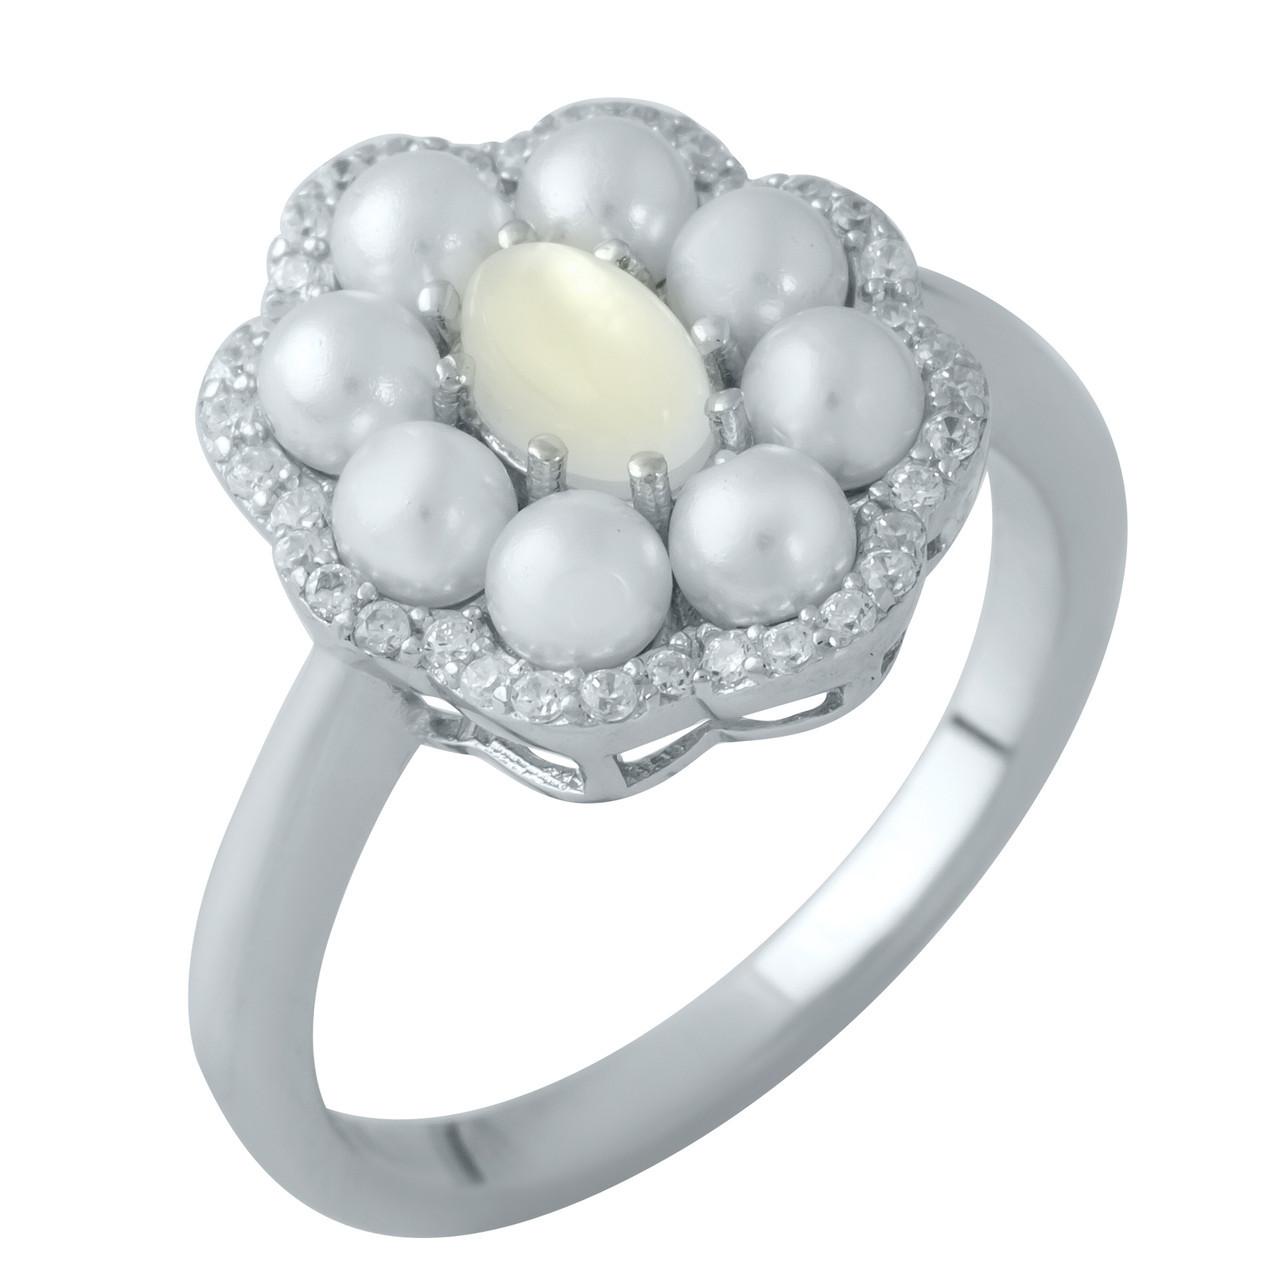 Родированное серебряное кольцо 925 пробы с натуральным перламутром,